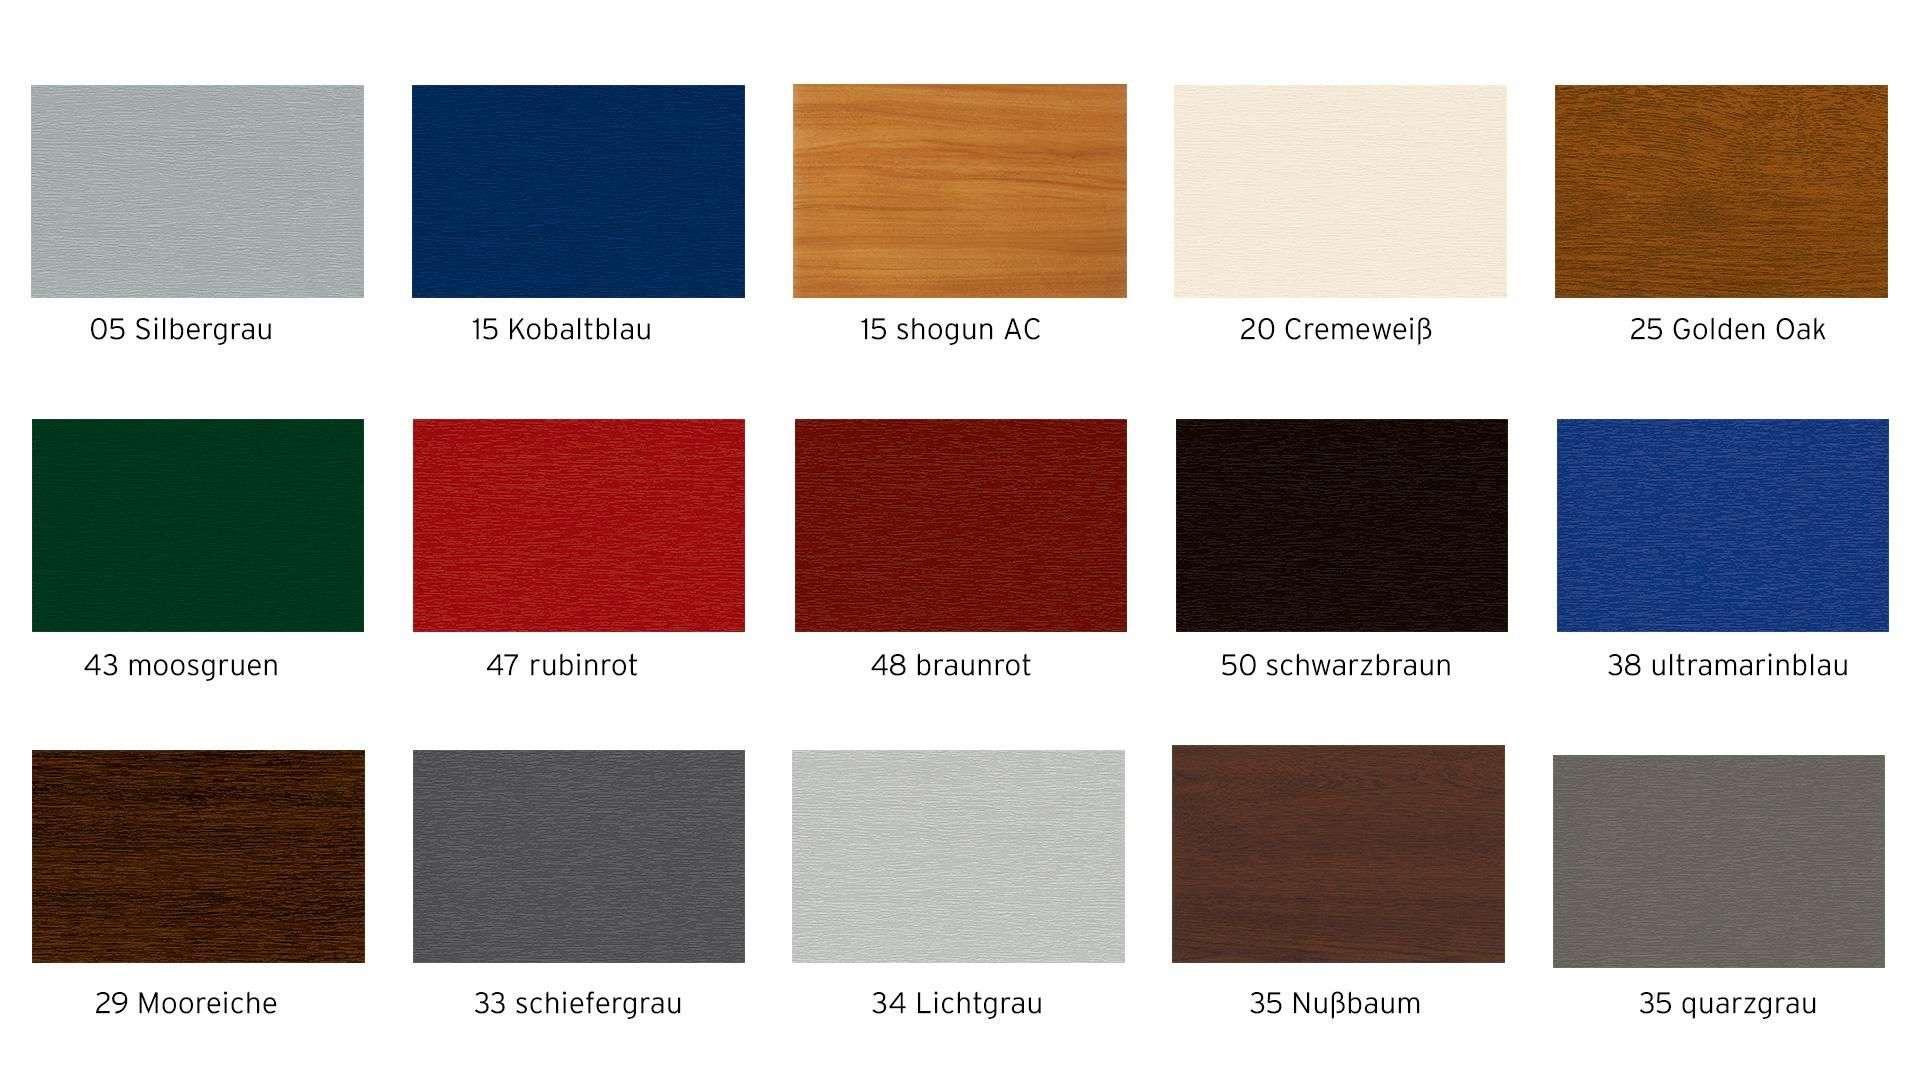 Übersicht verschiedener Oberflächenfarben